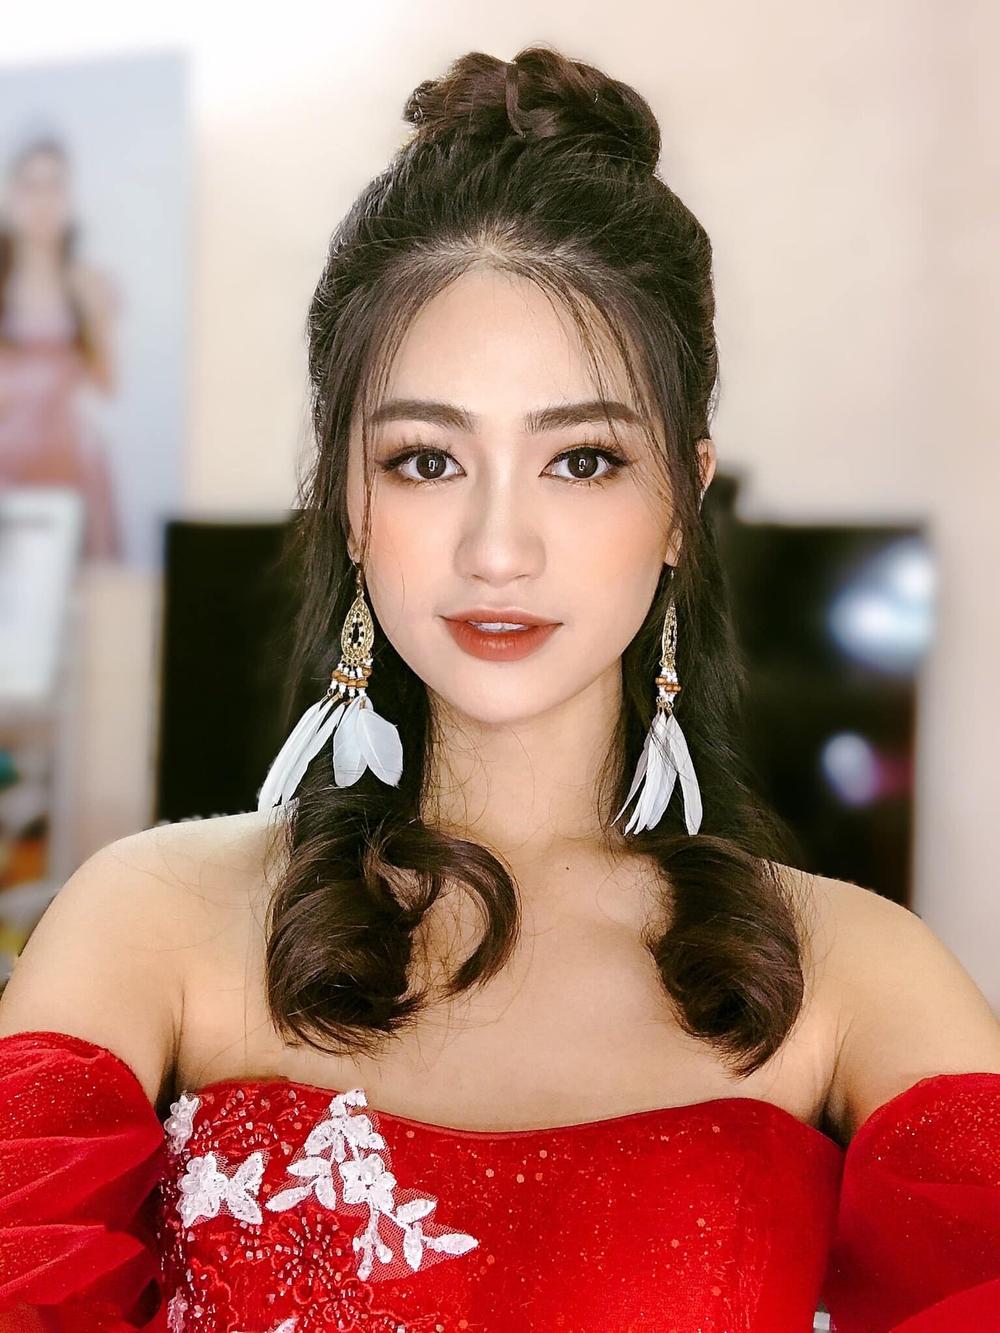 Cận cảnh nhan sắc người đẹp Hoa hậu Việt Nam dẫn bản tin VTV - Ảnh 8.